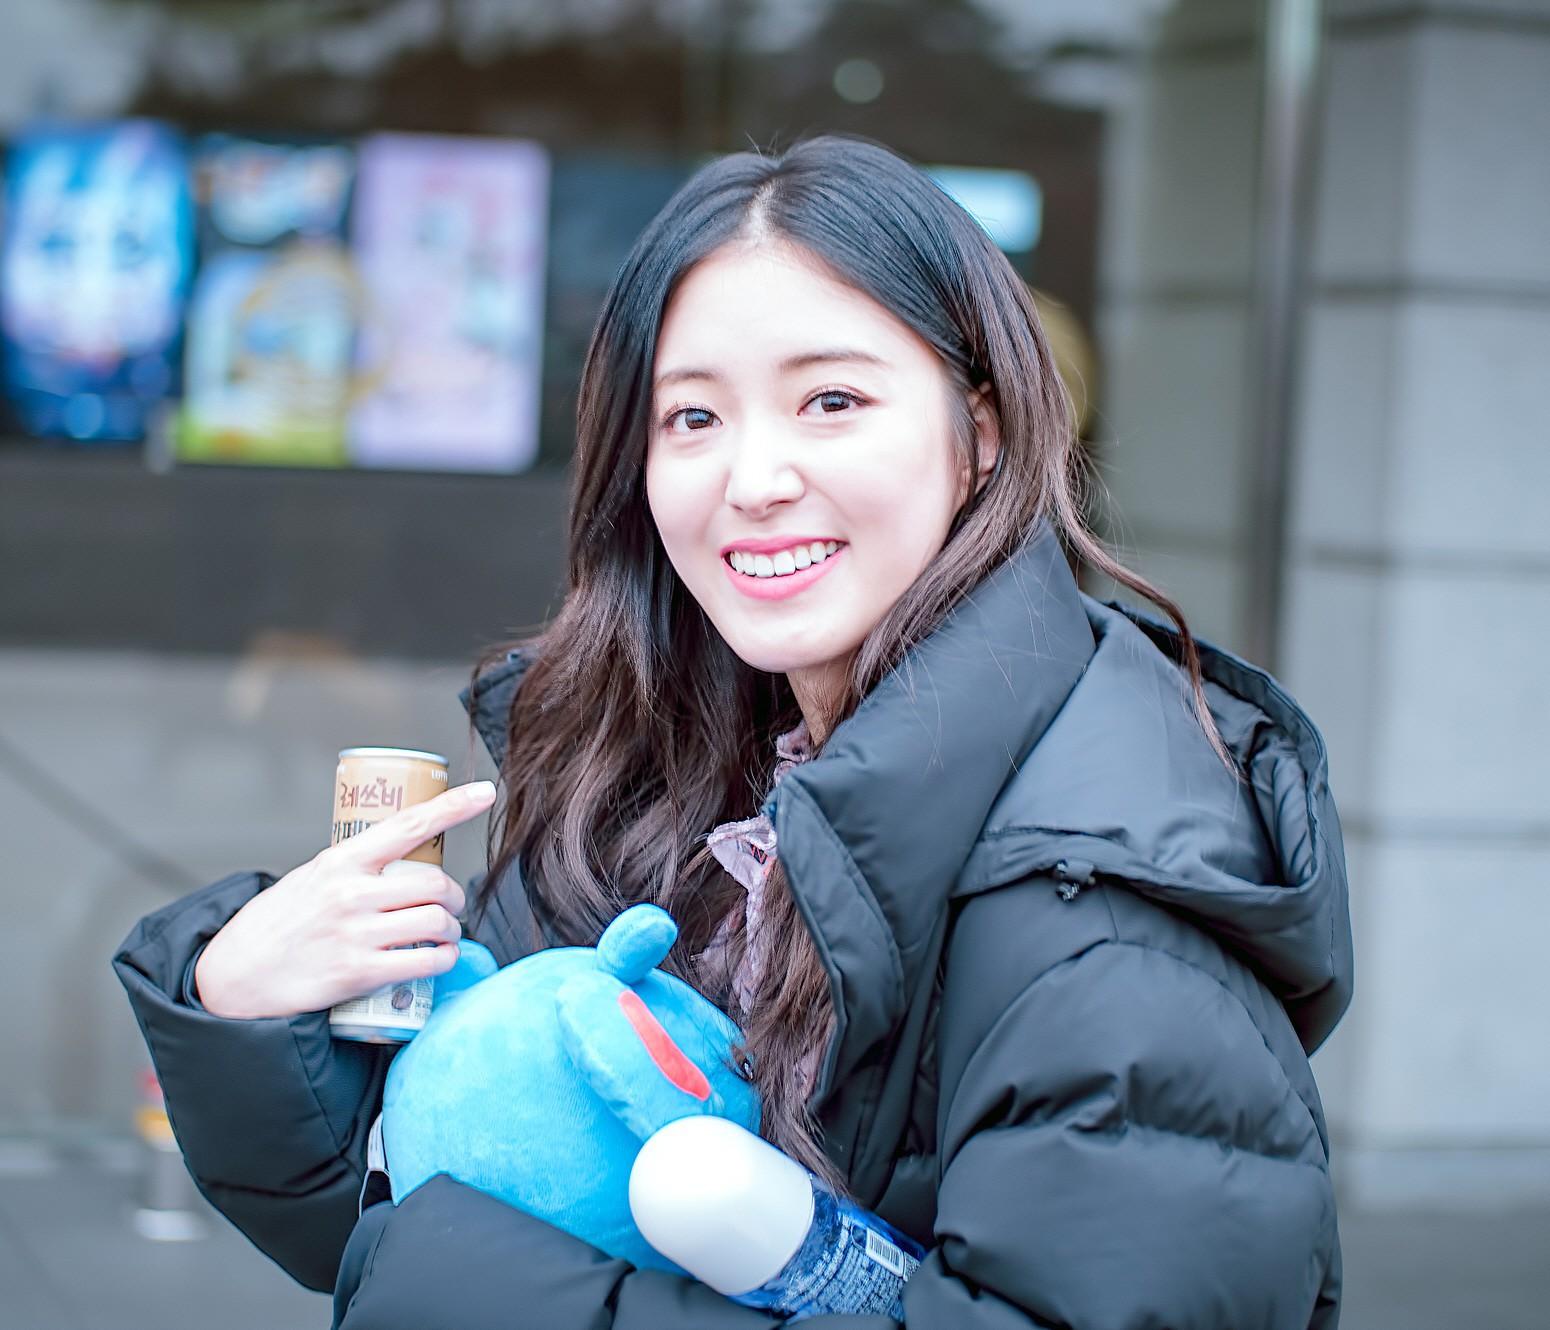 Sao nhí Nàng Dae Jang Geum lột xác thành cương thi Hoa du ký: Đẹp khó tin, hát hay lại còn nhảy không kém idol - Ảnh 27.